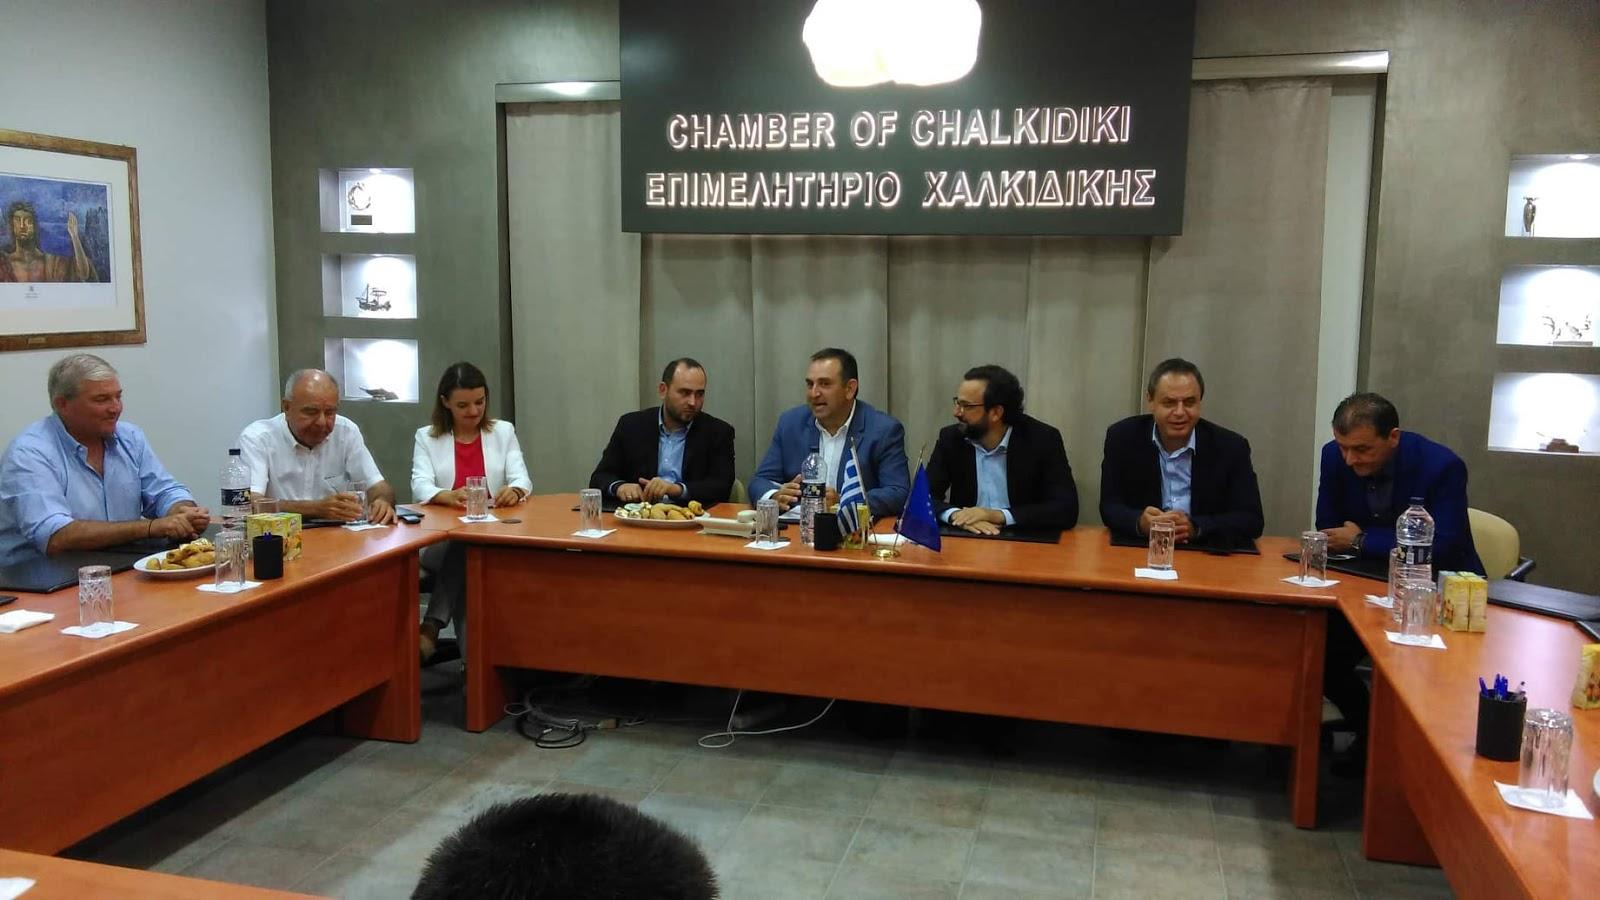 Συνάντηση μεταξύ εκπροσώπων παραγωγικών φορέων της Χαλκιδικής και Κλιμακίου της Κυβέρνησης στο πλαίσιο της 84ης ΔΕΘ